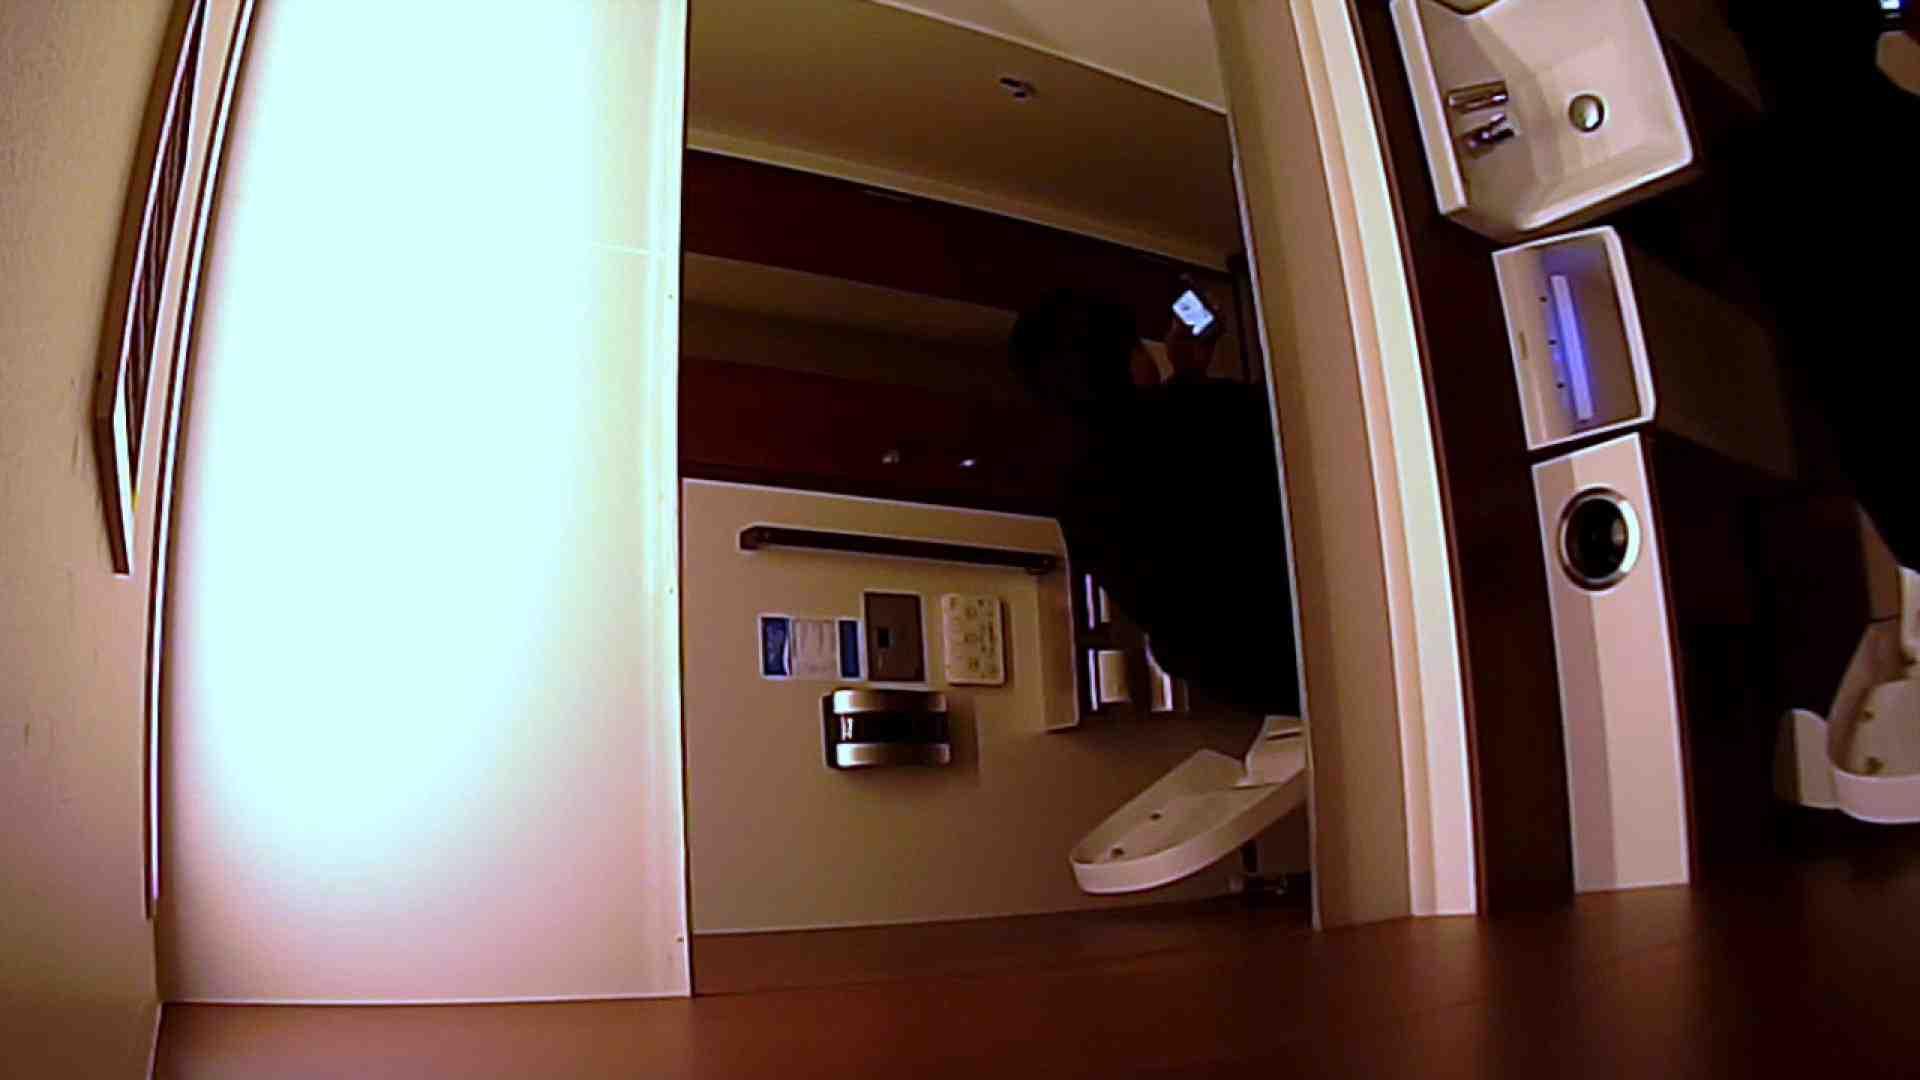 すみませんが覗かせてください Vol.28 トイレ | 0  64枚 17